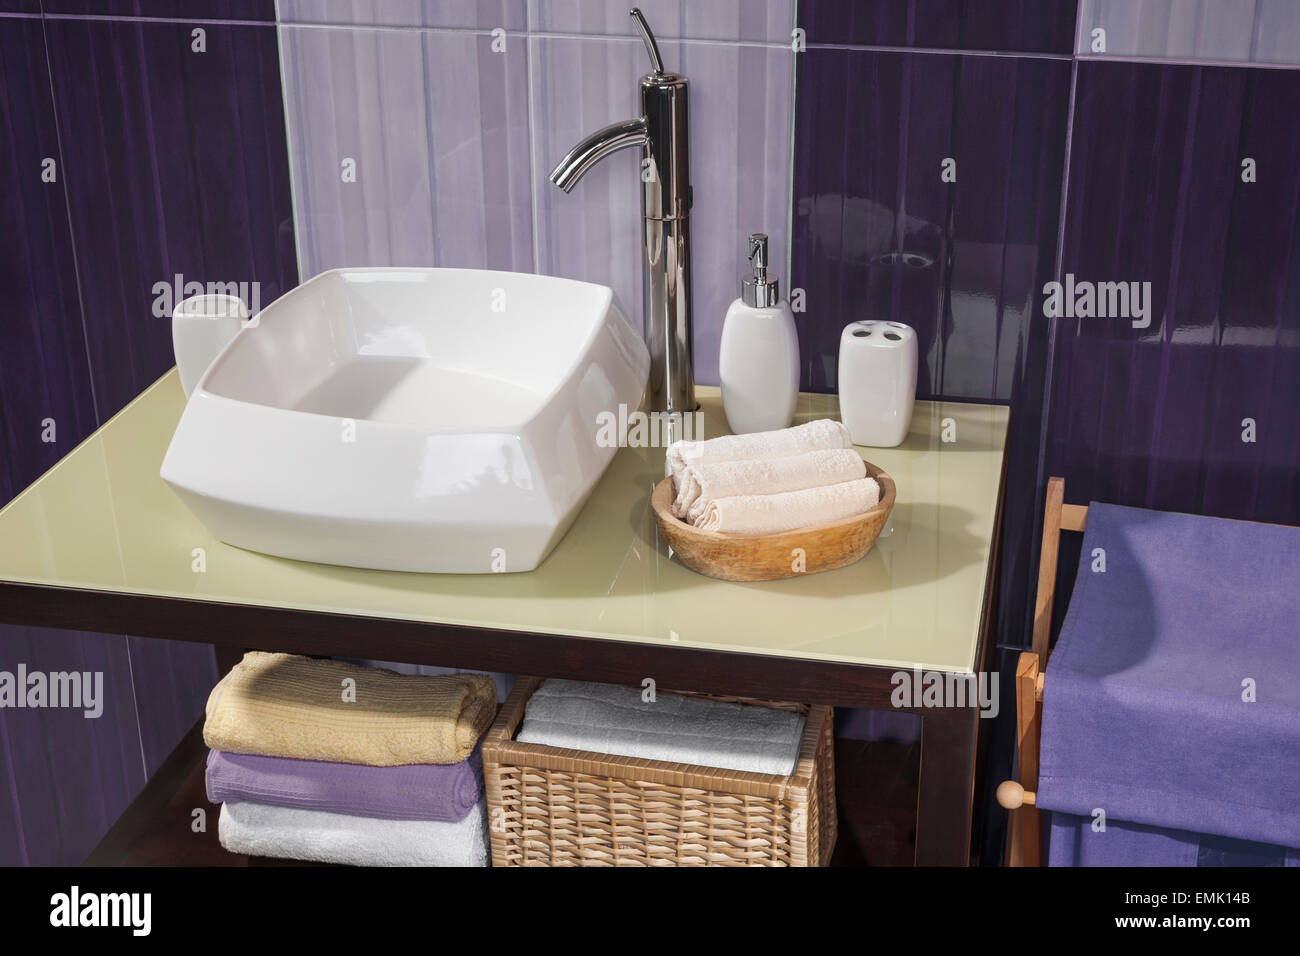 Detalle de un moderno cuarto de baño con lavabo y accesorios de baño ...